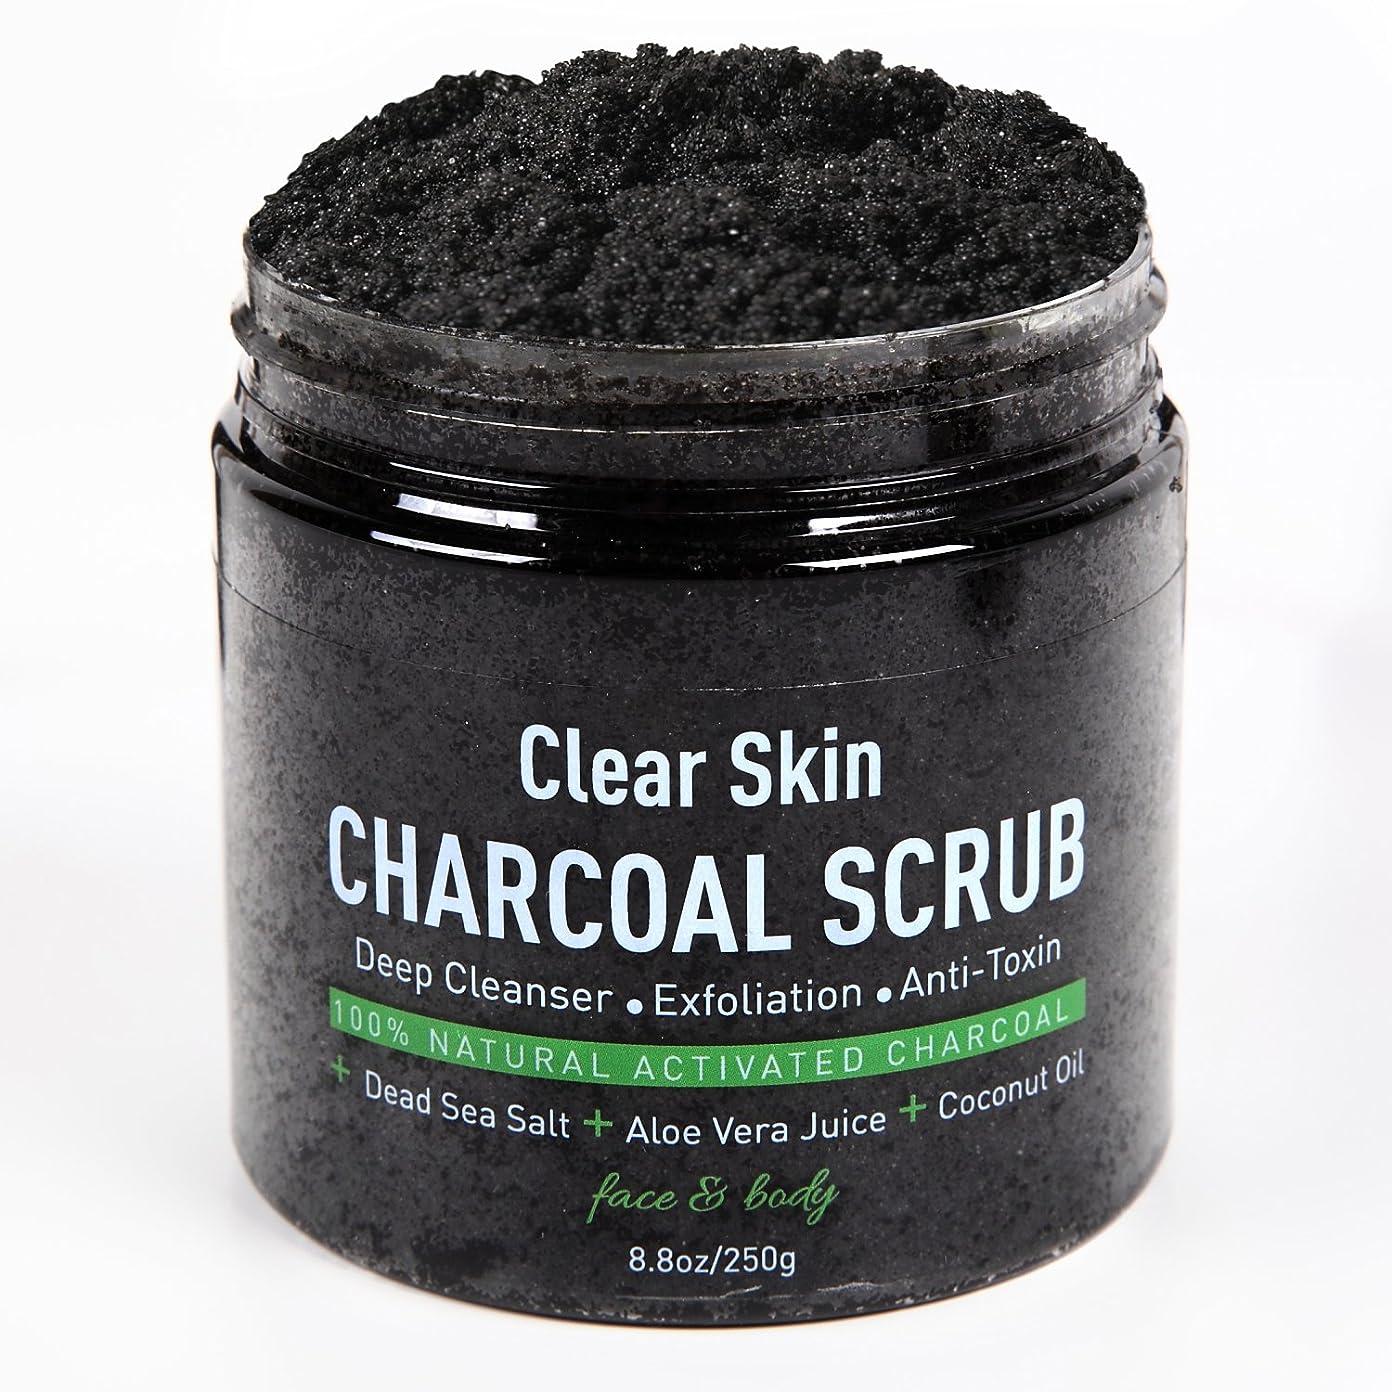 演じるしゃがむがっかりした油ぎったオイリー肌を改善するスクラブ洗顔 ボディスクラブ 最高級活性炭により古い角質,毛穴の汚れをかき出す美肌効果